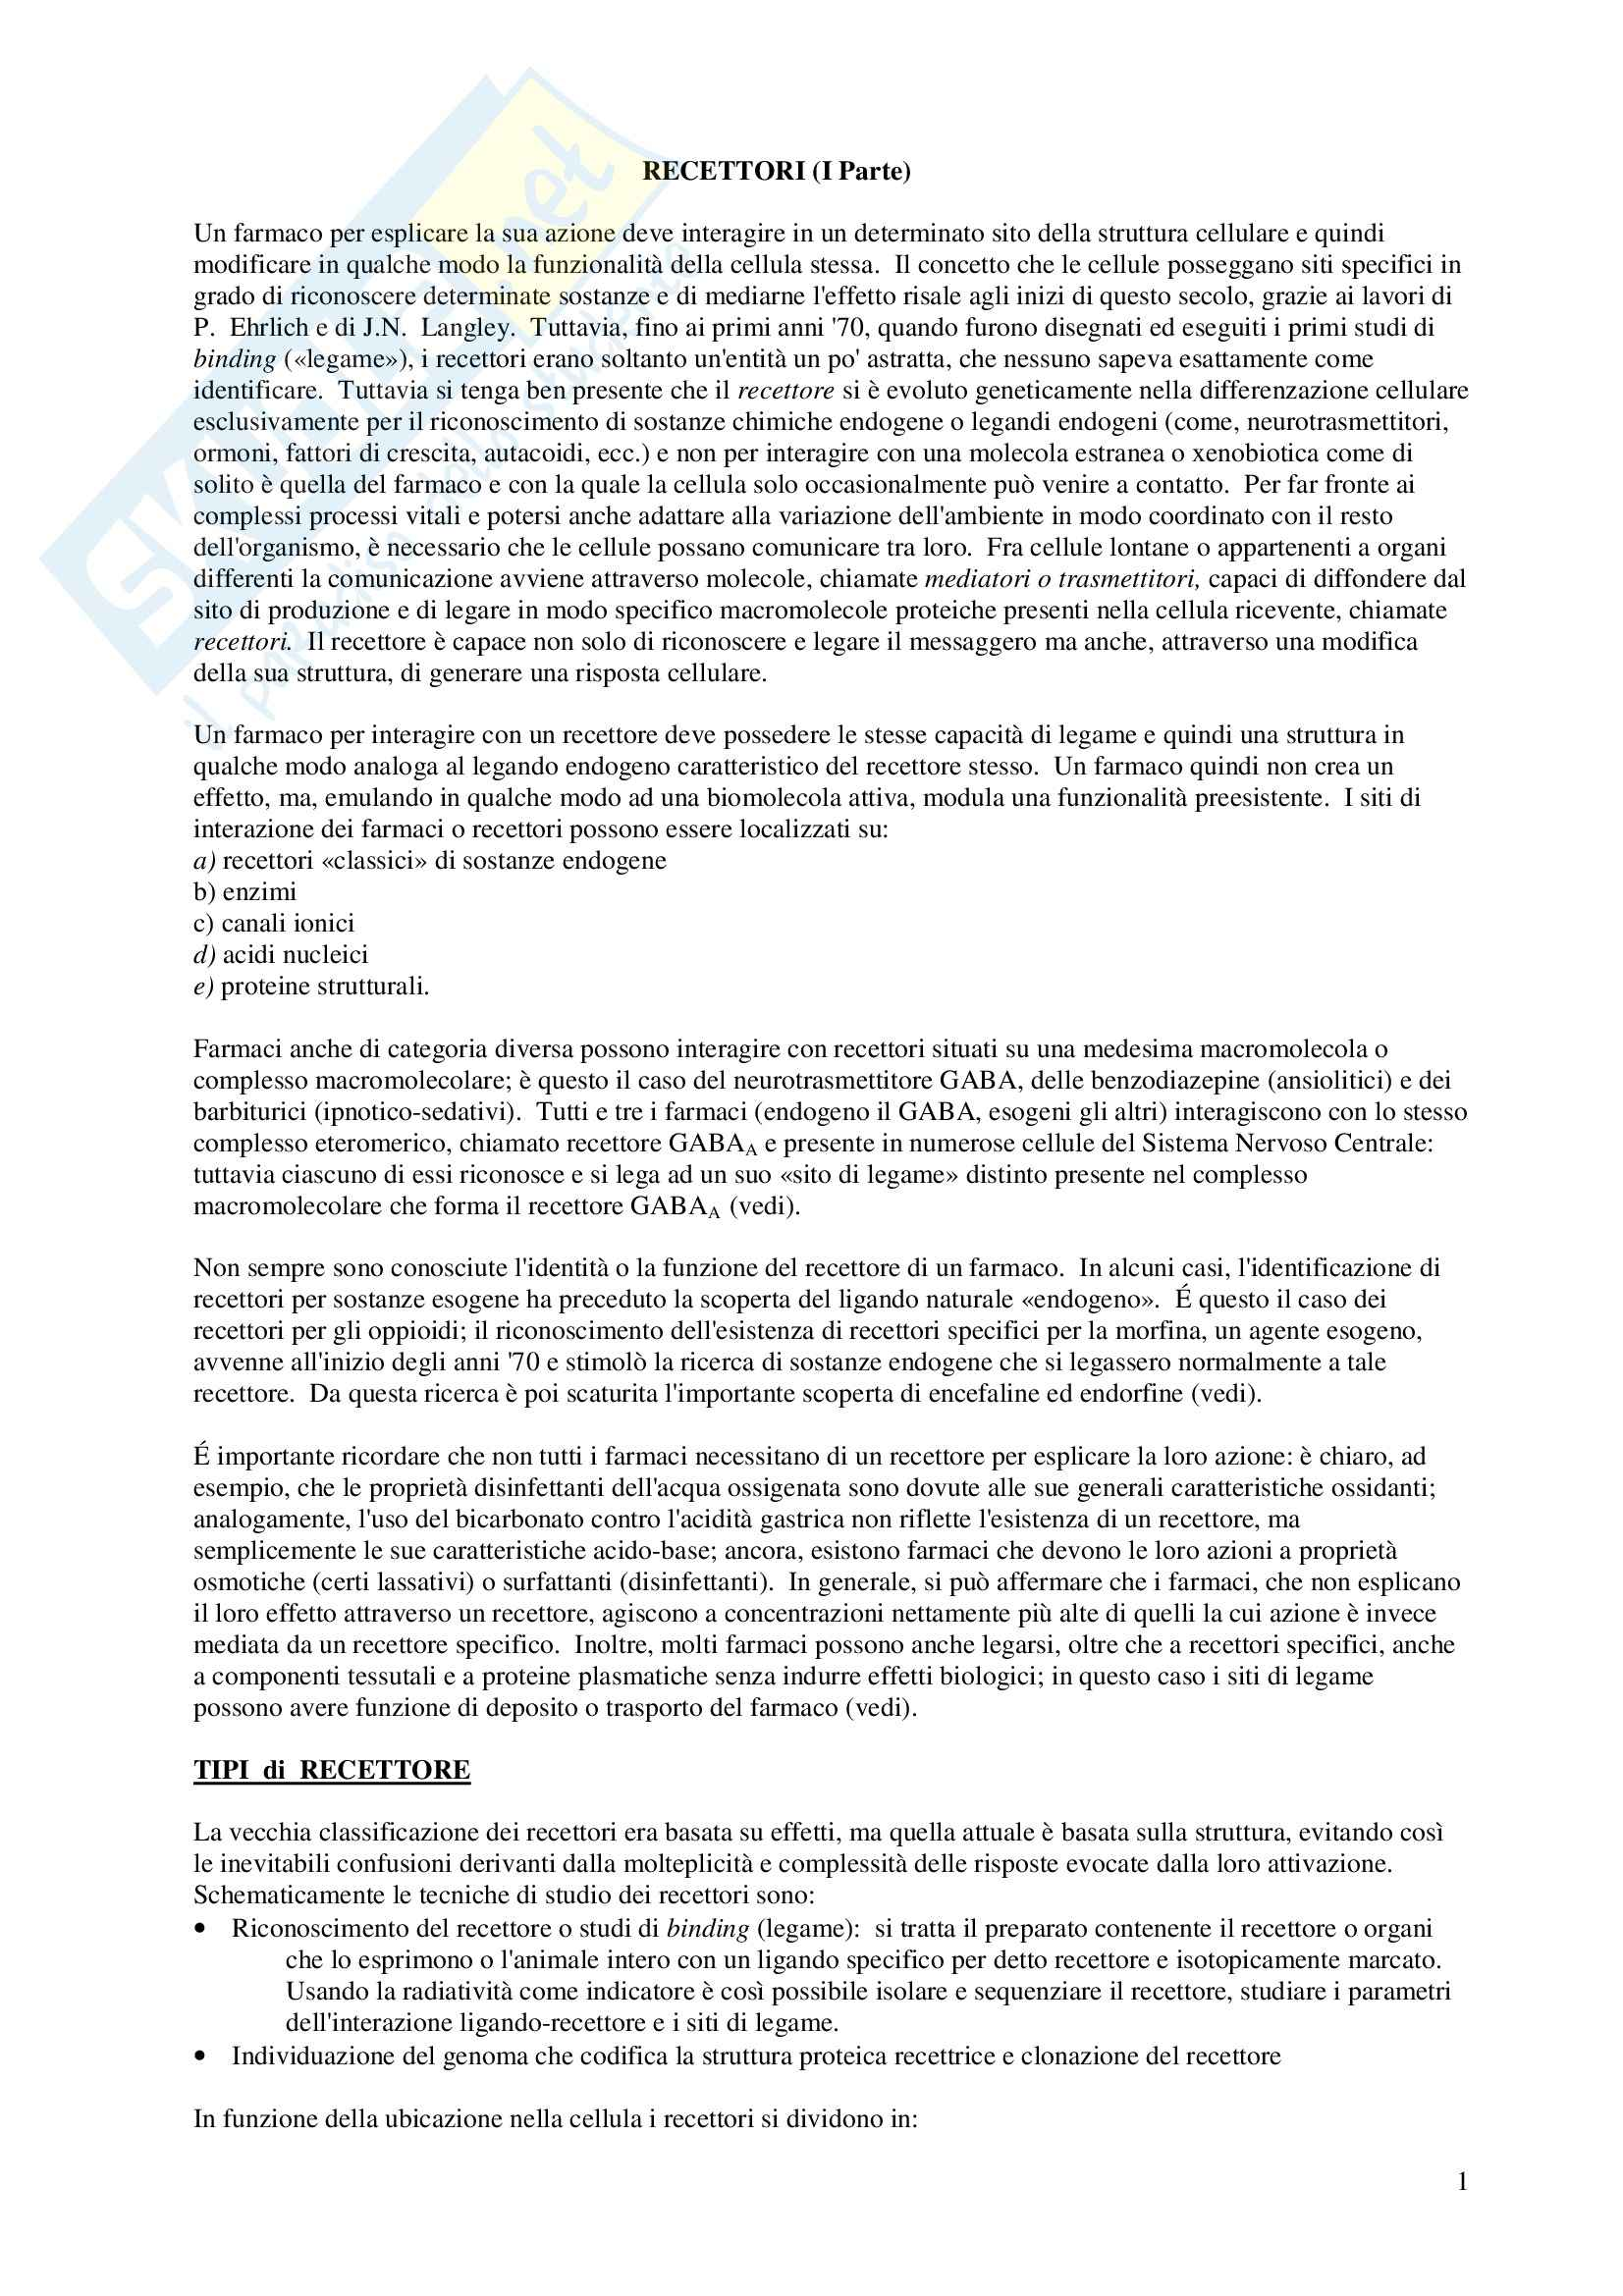 Chimica farmaceutica - recettori prima parte